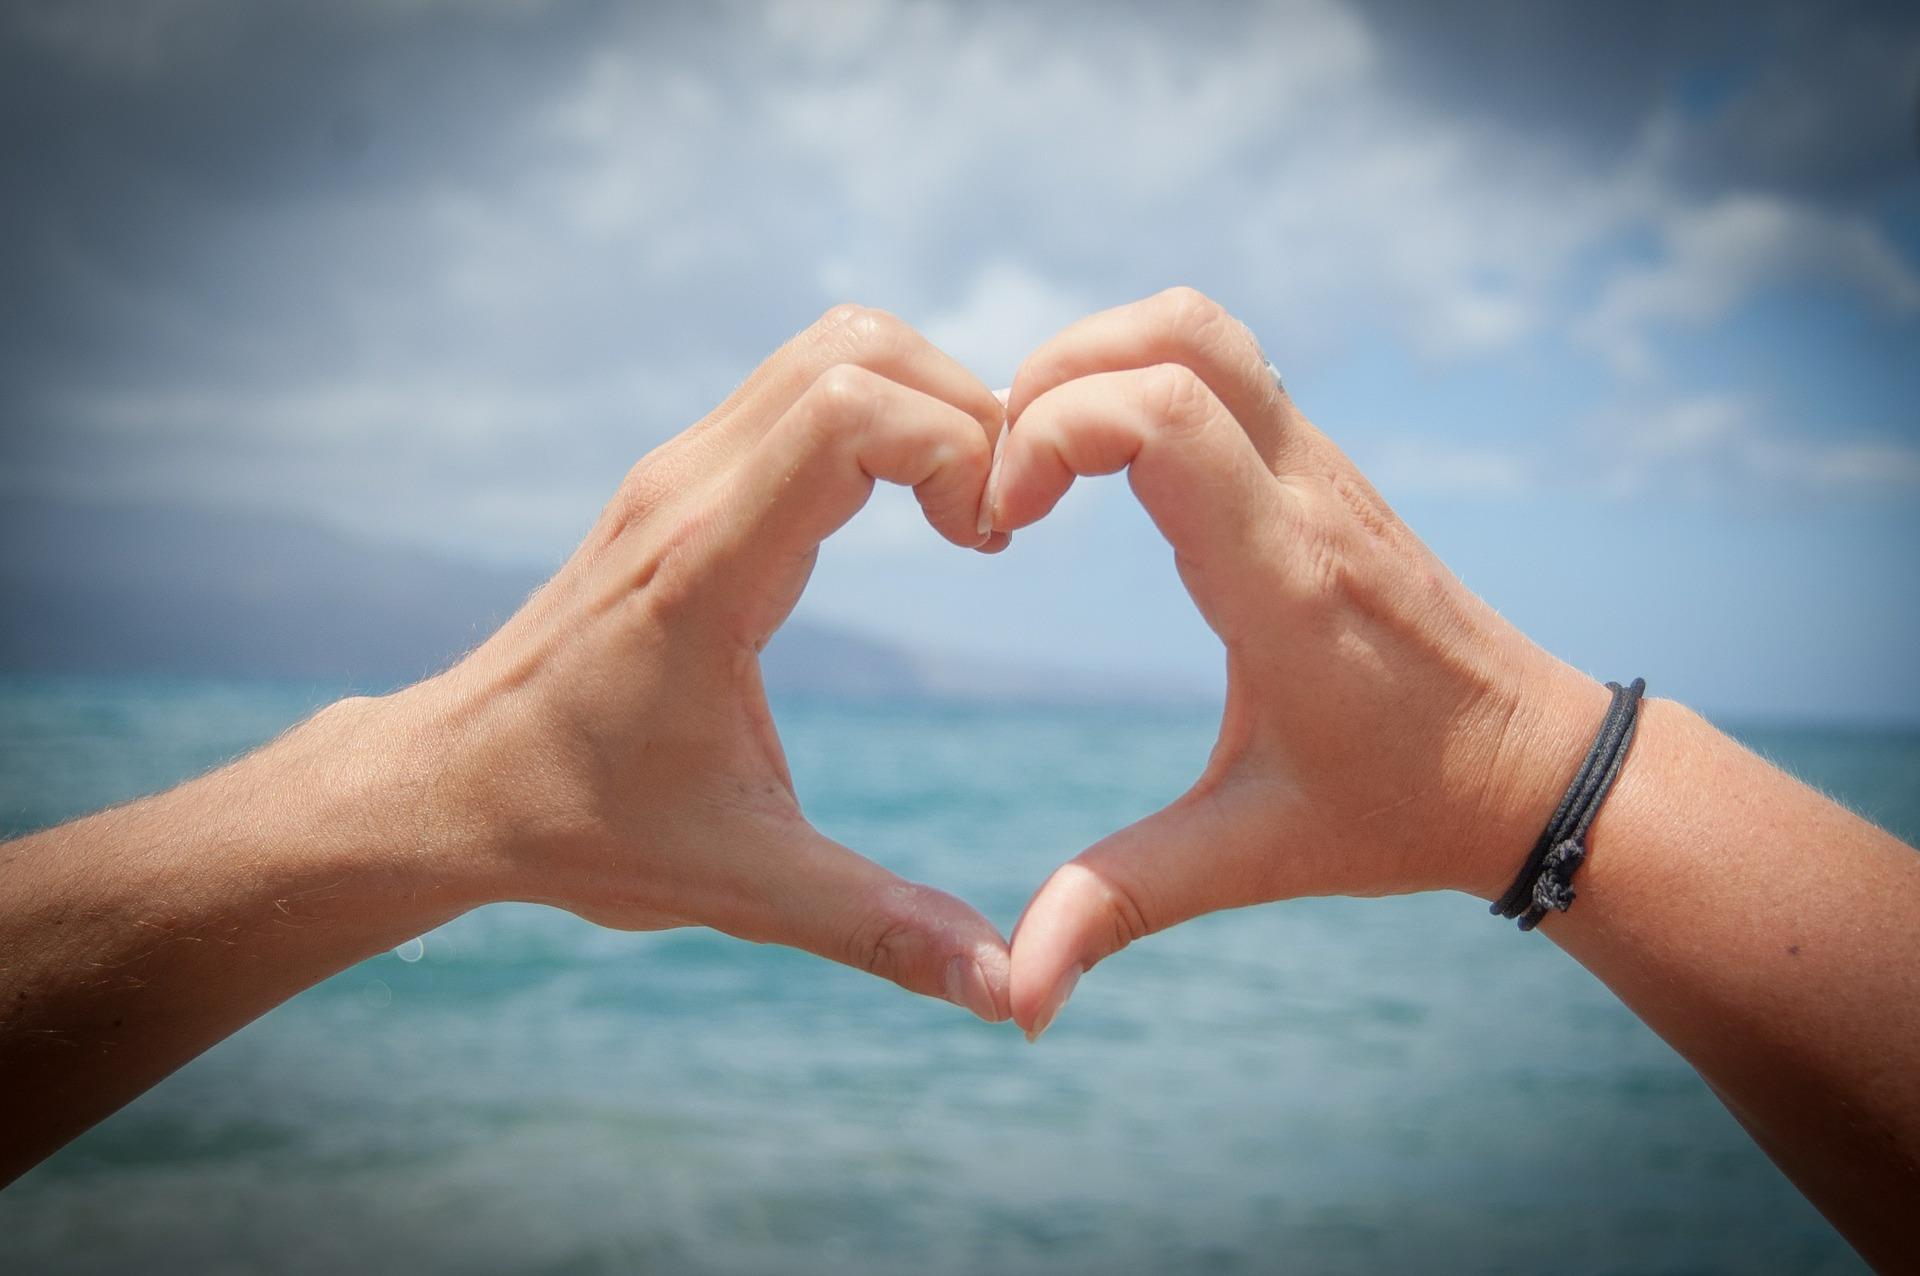 ♥の形の手